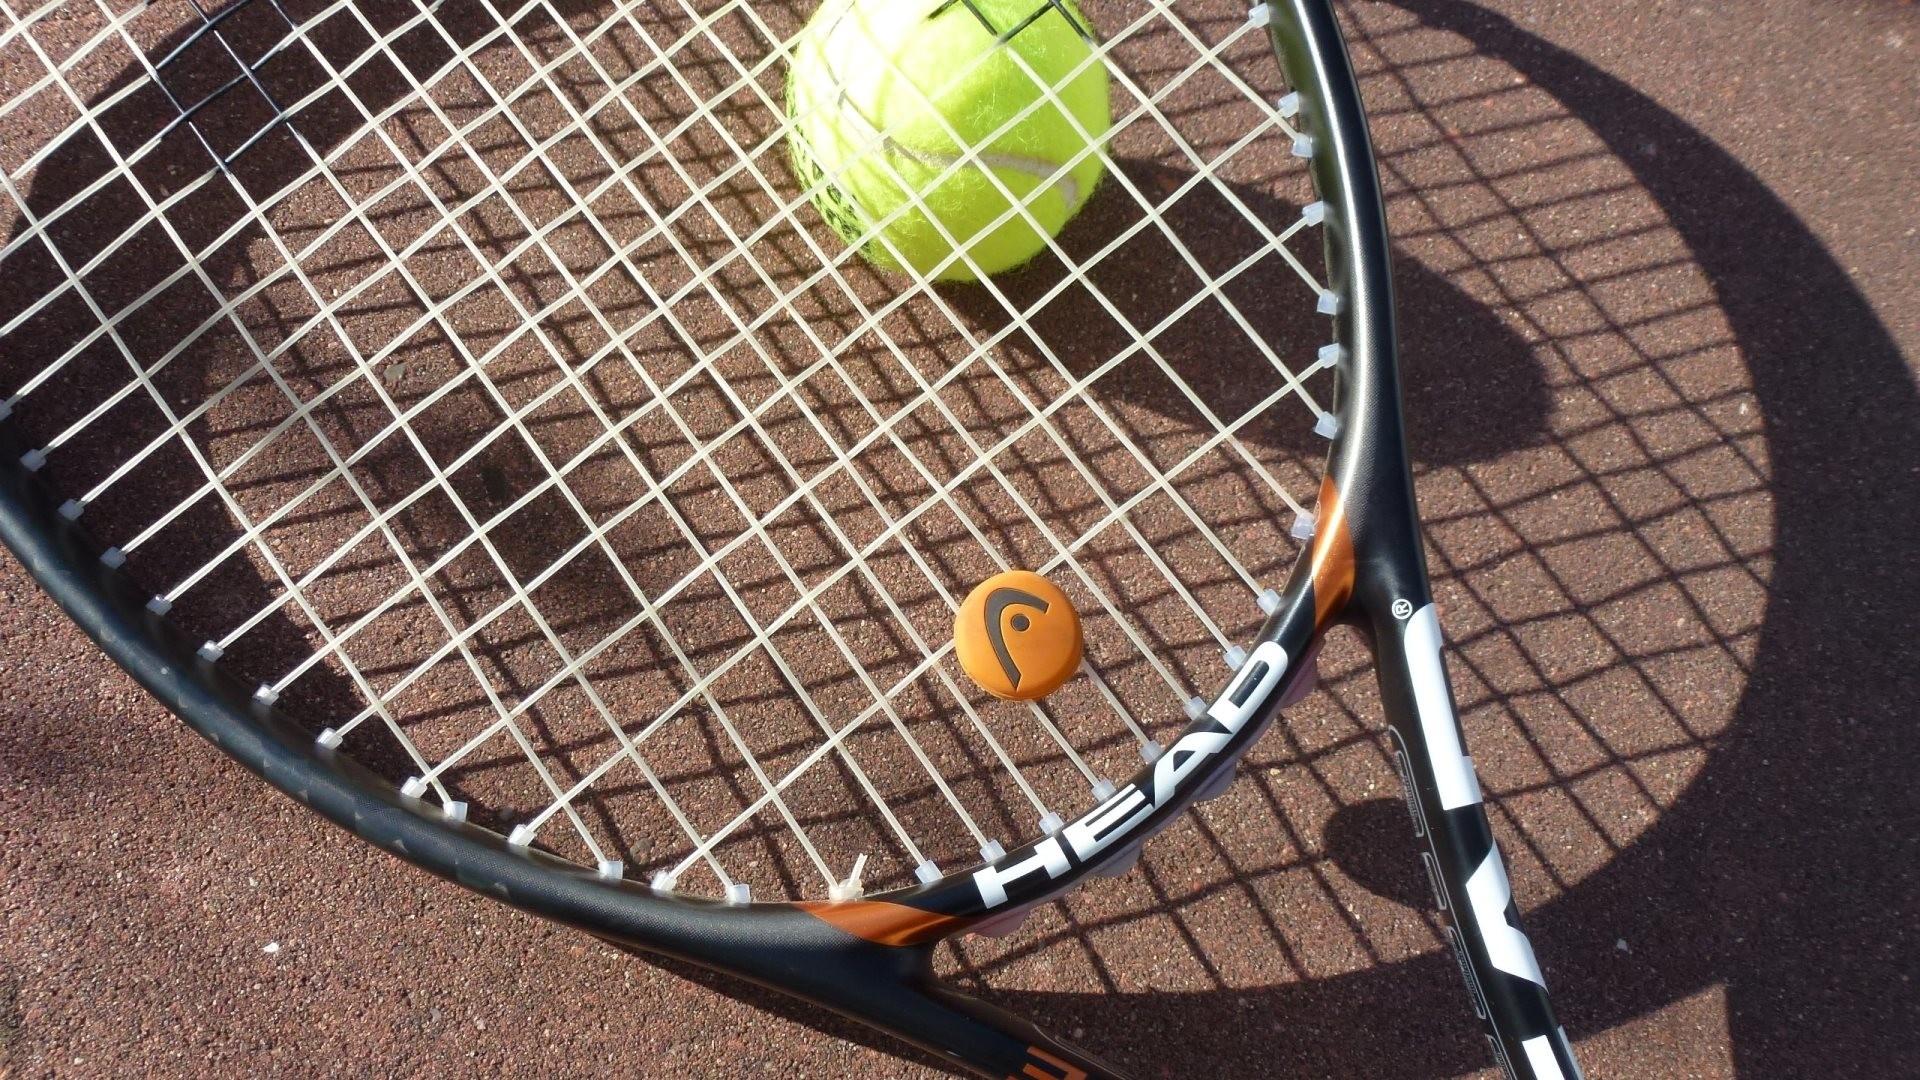 HD Wallpaper 3: Tennis Racket and Tennis Ball